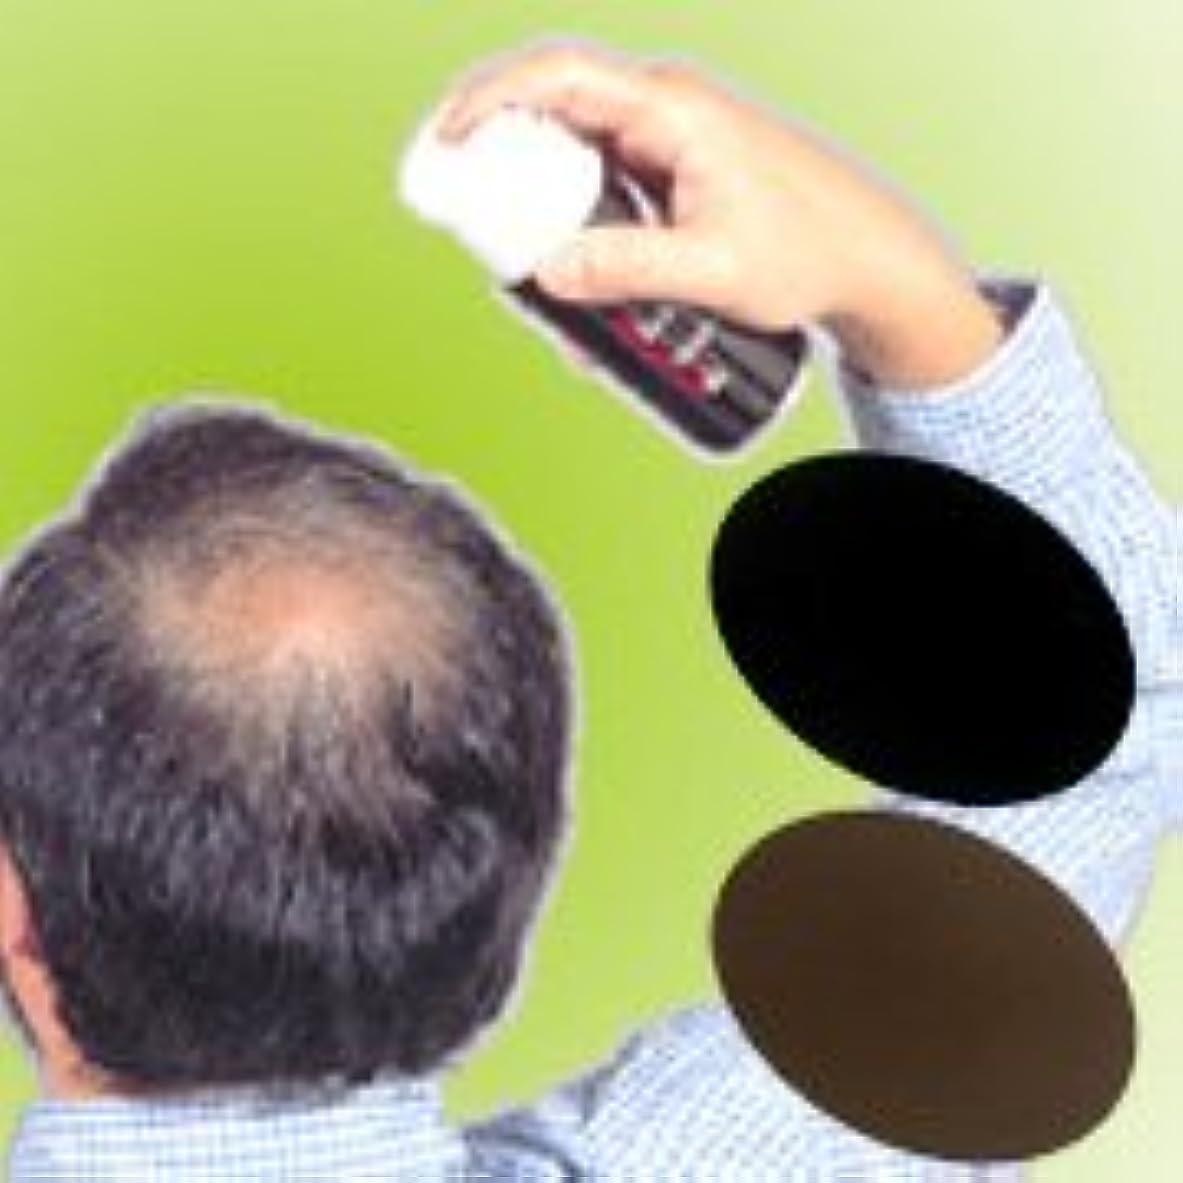 塩辛い最初は最適薄毛?白髪をワンタッチで隠します!男女兼用タイプの増毛スプレー!!【トミーリッチ ブラックヘアー】 (こちらの商品の内訳は『18000100_ブラック<数量12単位>』のみ)